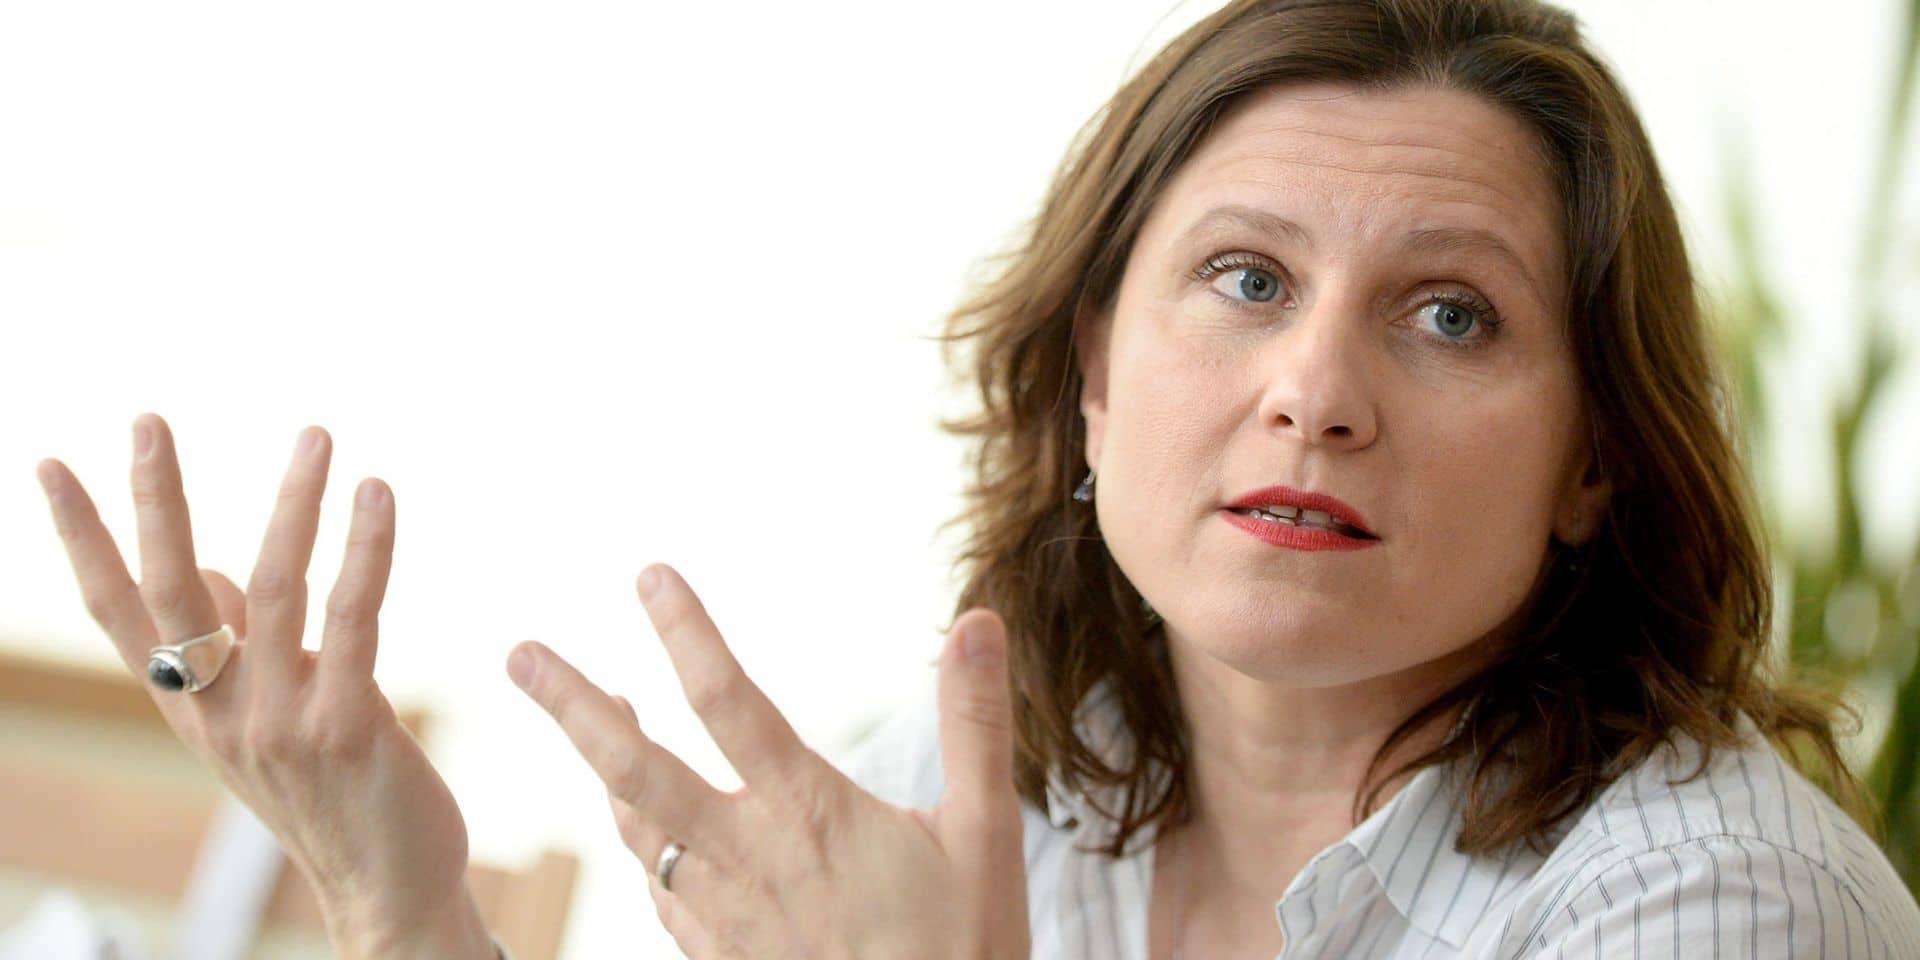 """Roxana Maracineanu, ministre des Sports en France: """"Pas la fin du monde si le Tour est annulé"""""""